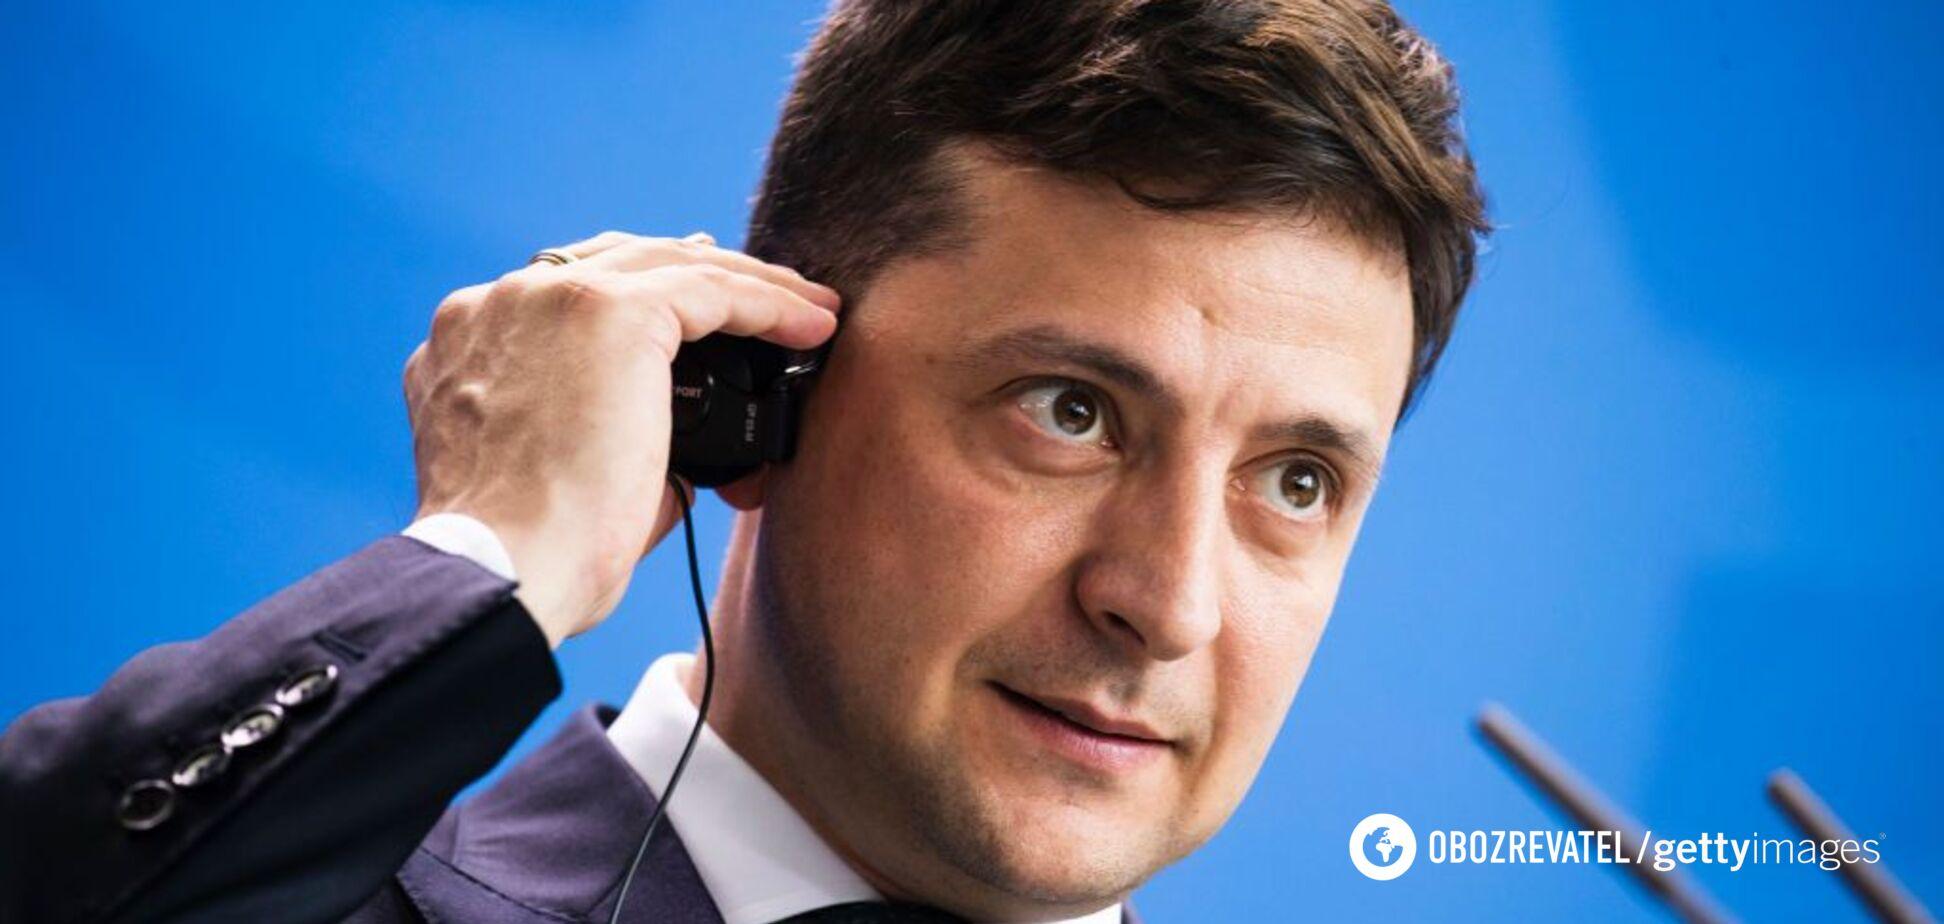 Зеленський знову провів масові звільнення: хто потрапив під удар